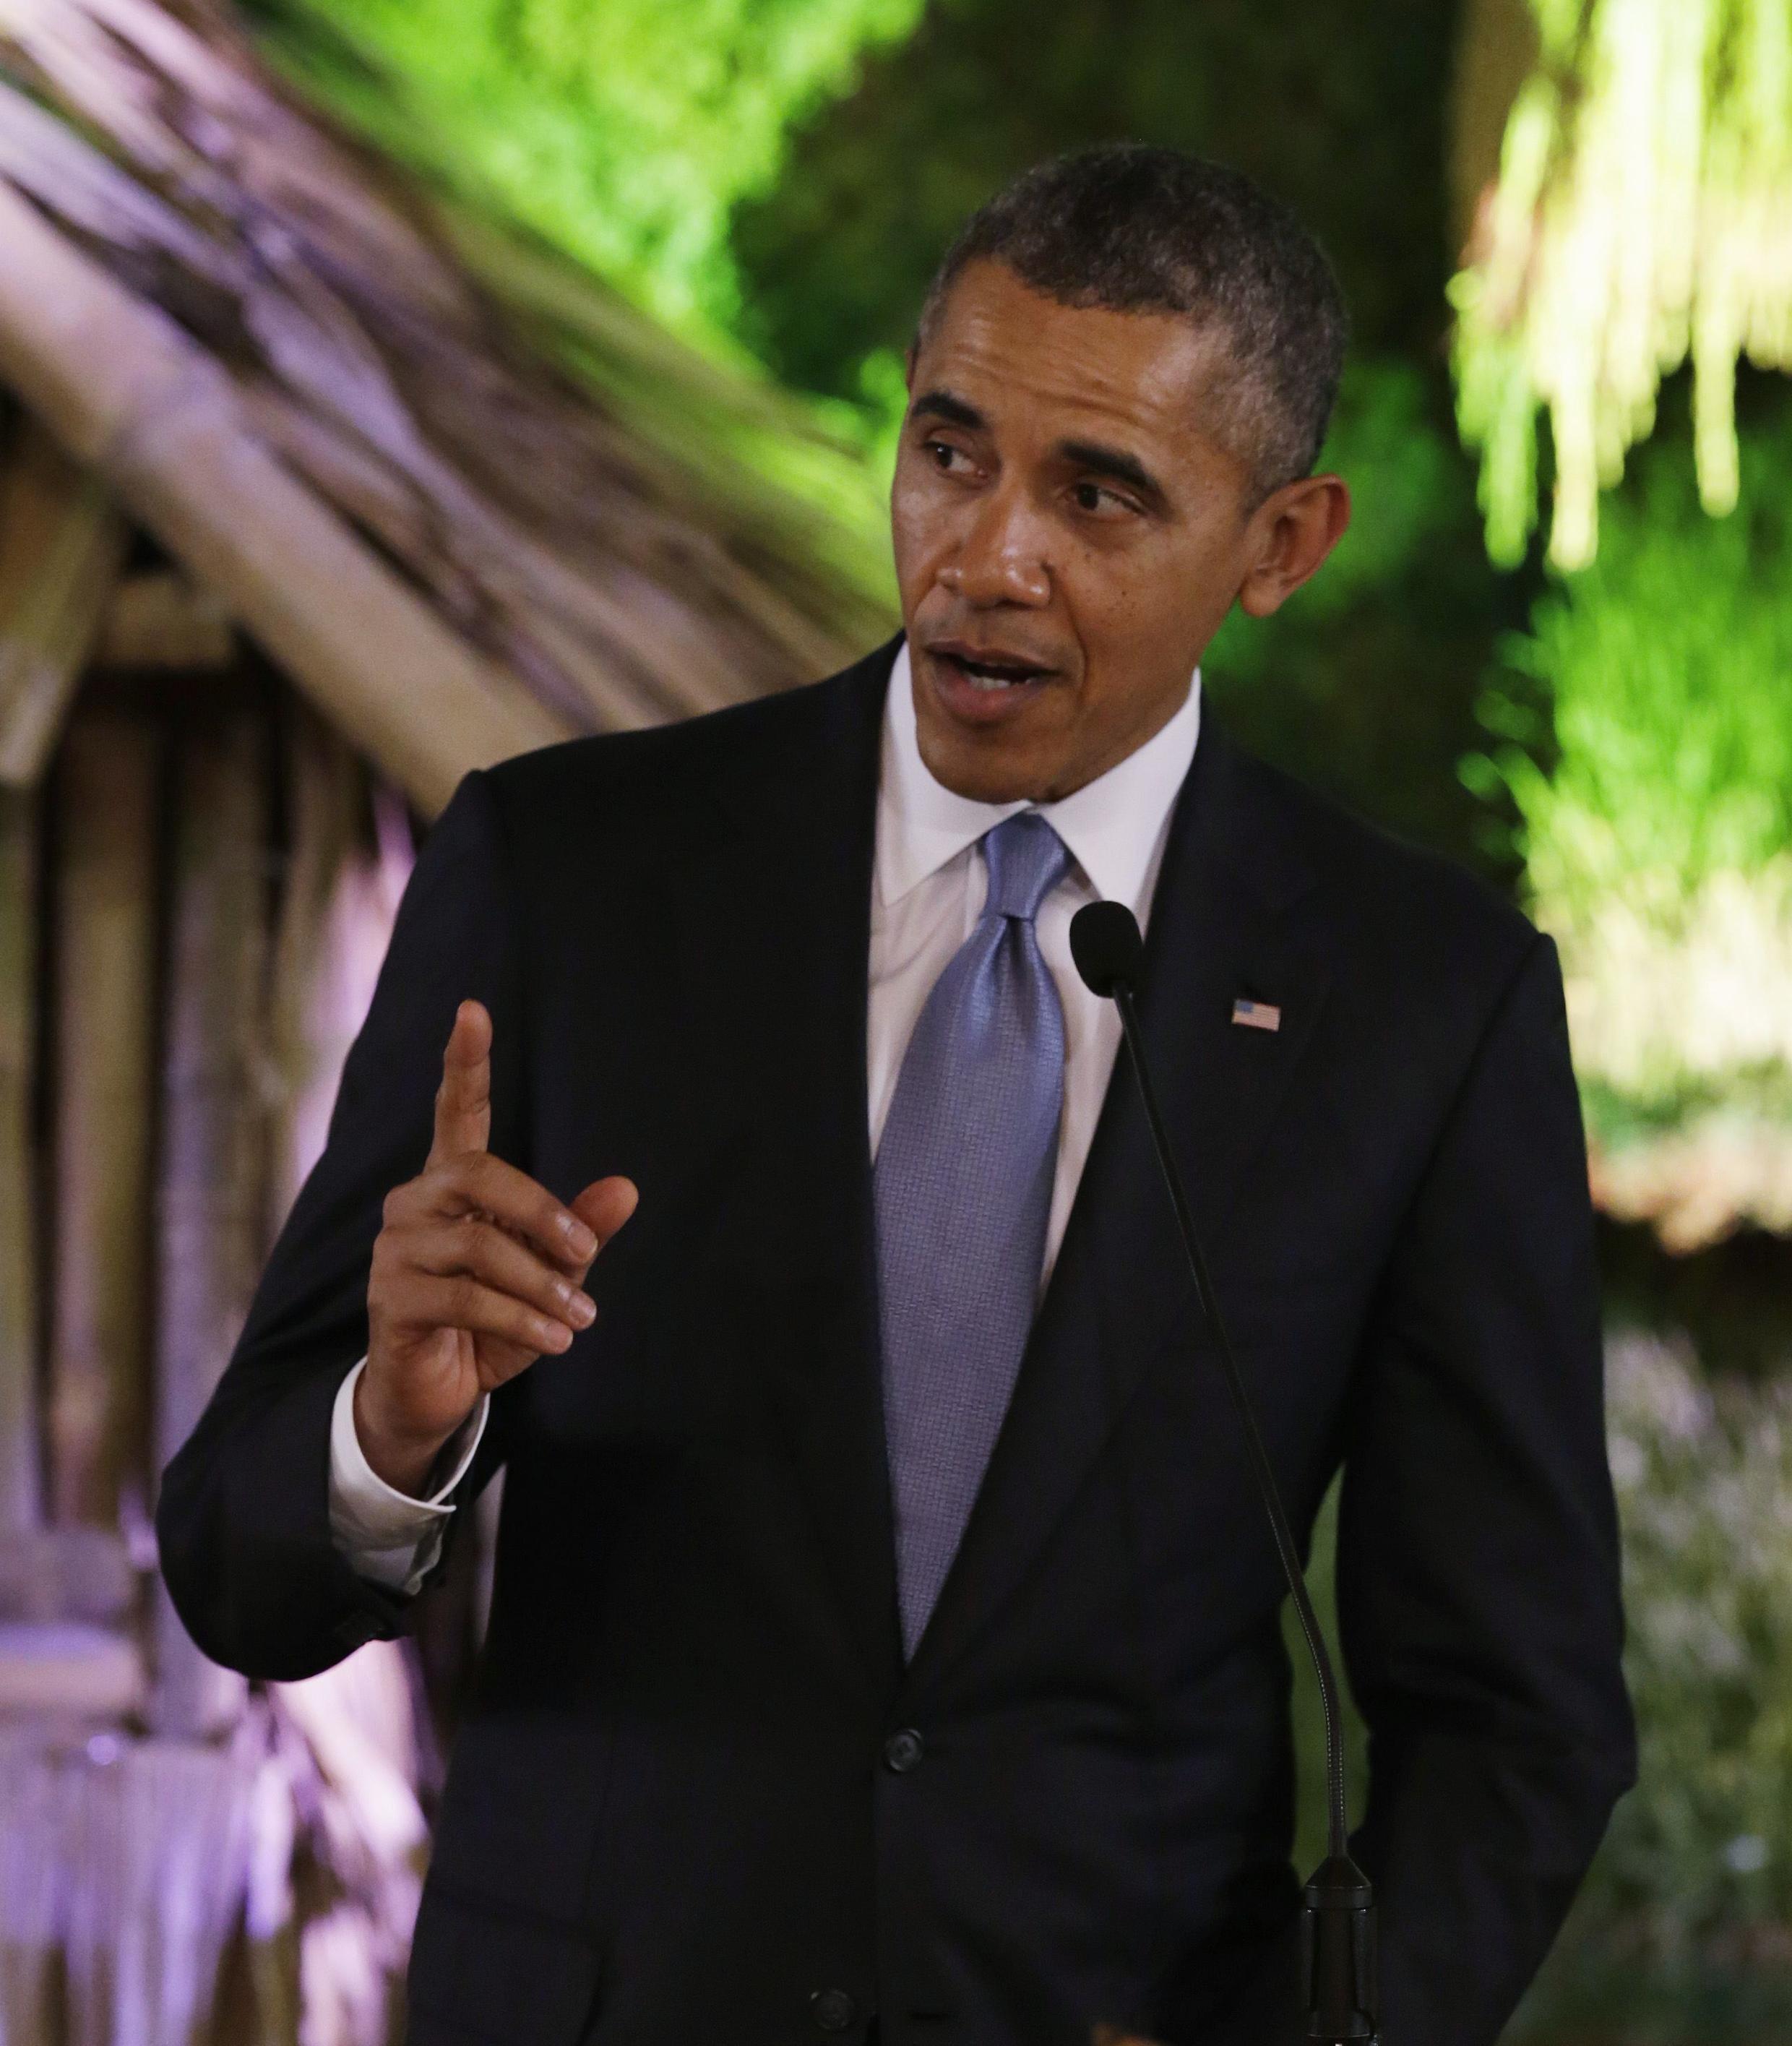 """O presidente dos Estados Unidos, Barack Obama, anunciou que as novas sanções contra a Rússia são devido aos """"atos de provocação"""" na Ucrânia."""